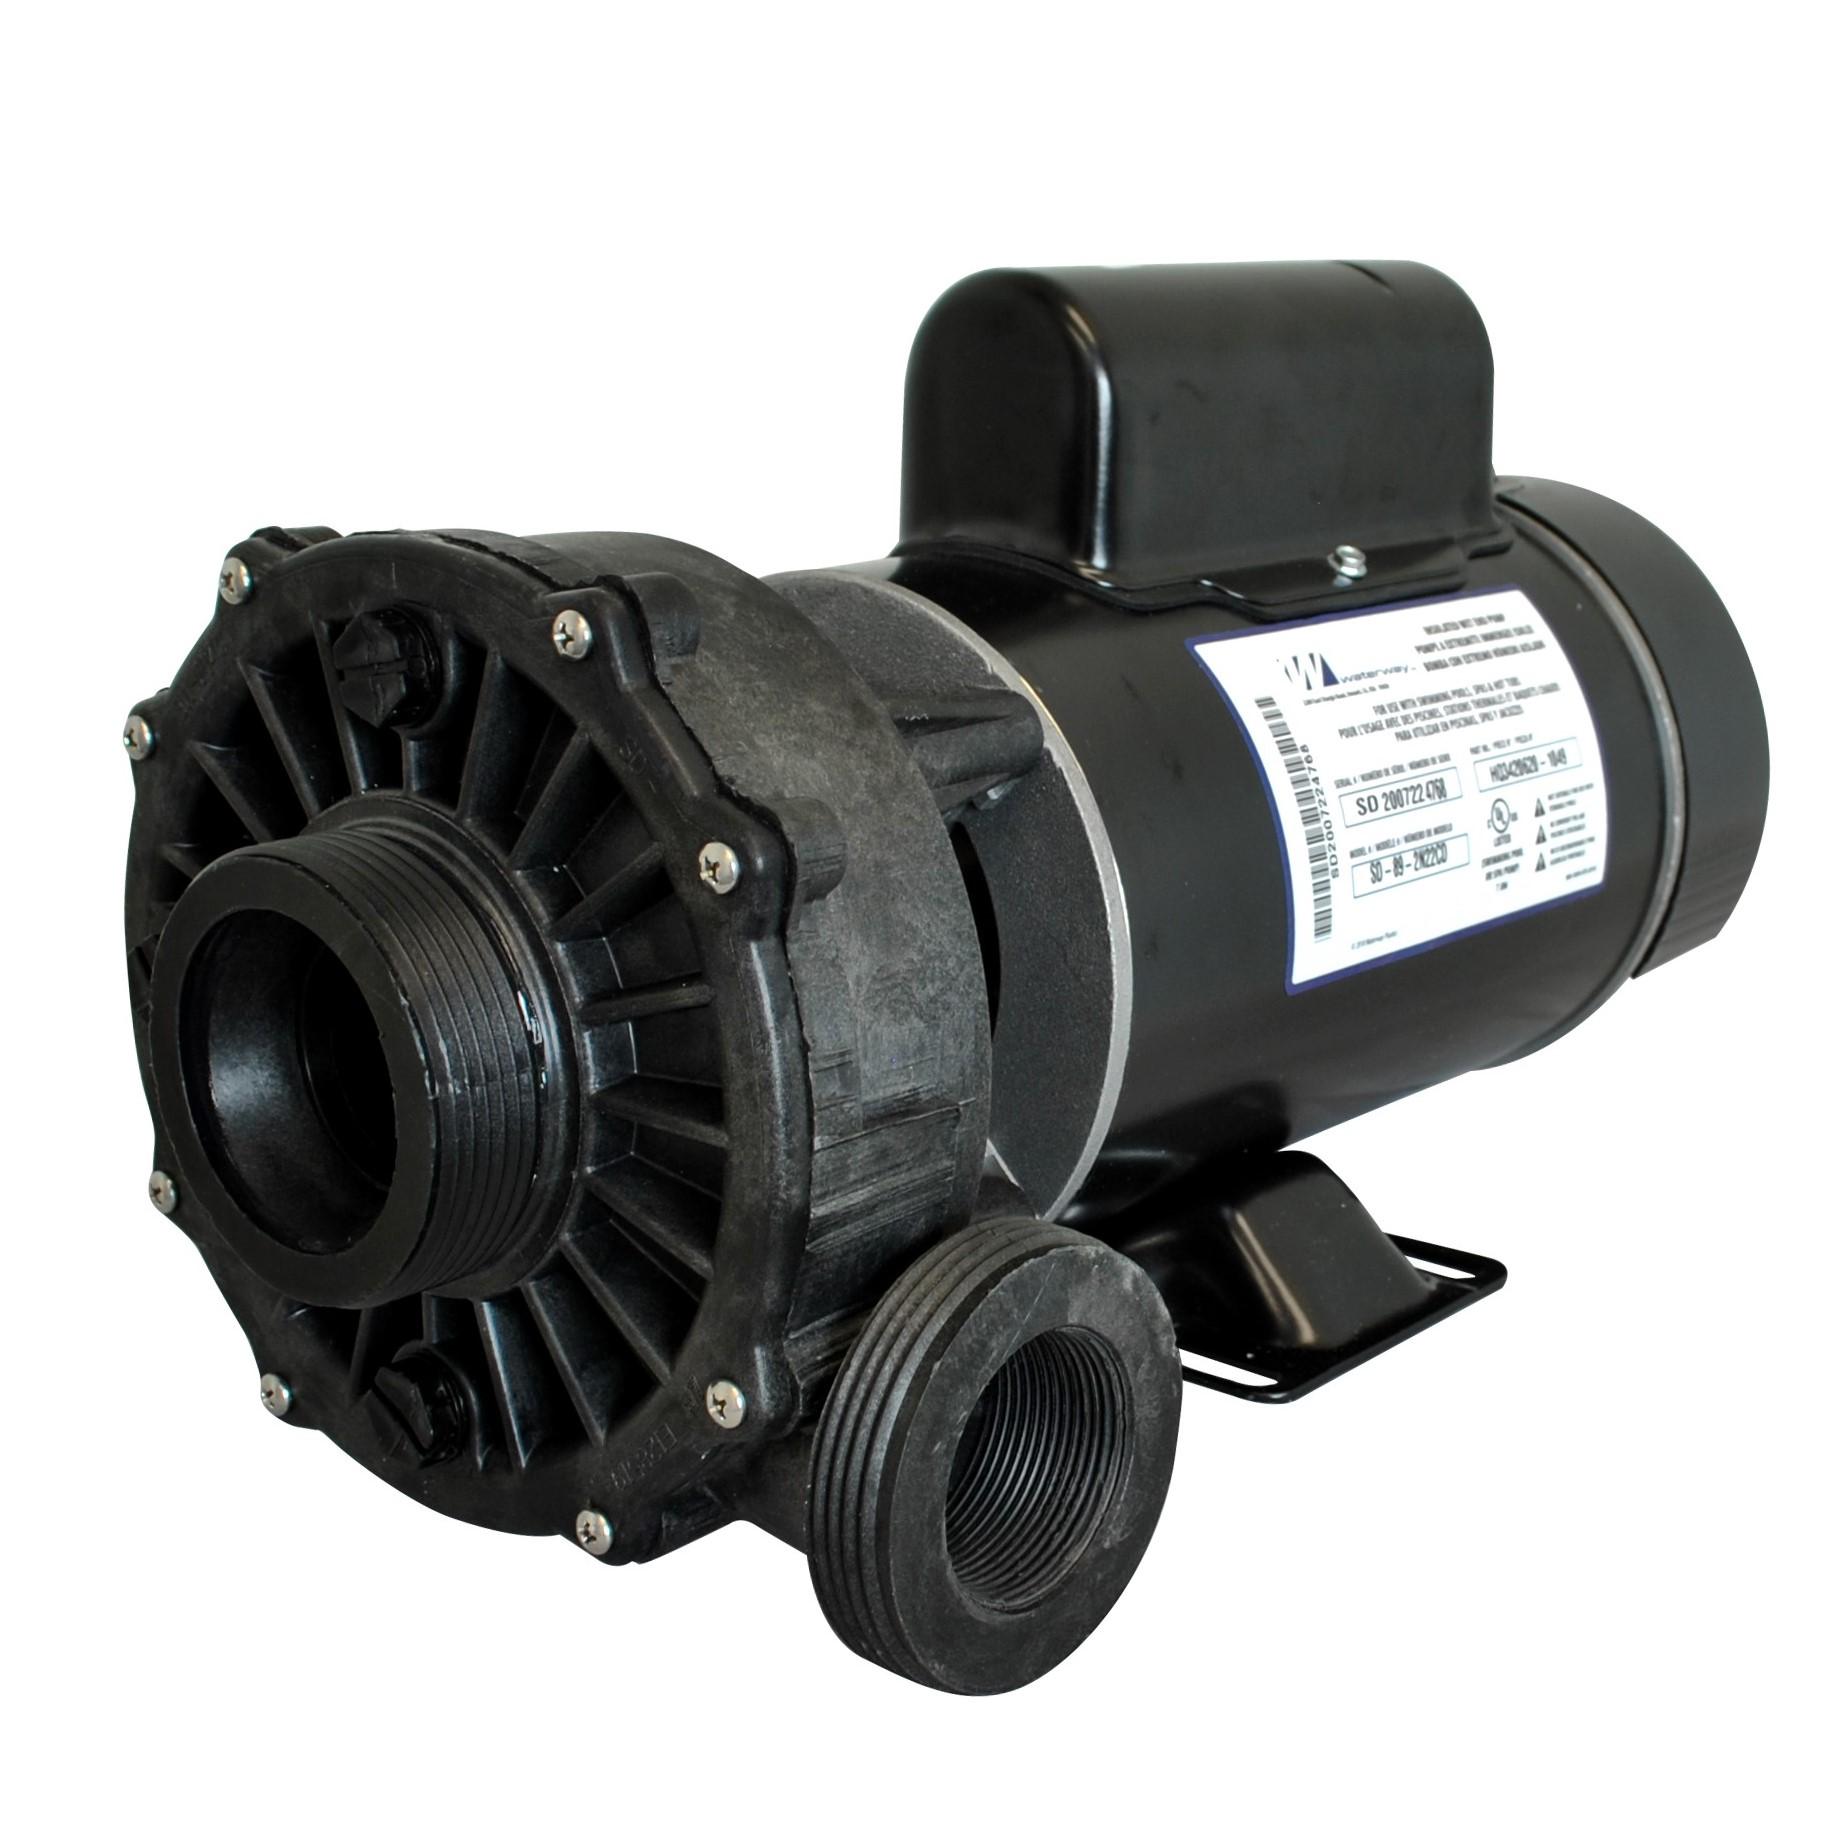 Waterway Hi-Flo II 1.5 HP 230V Pump